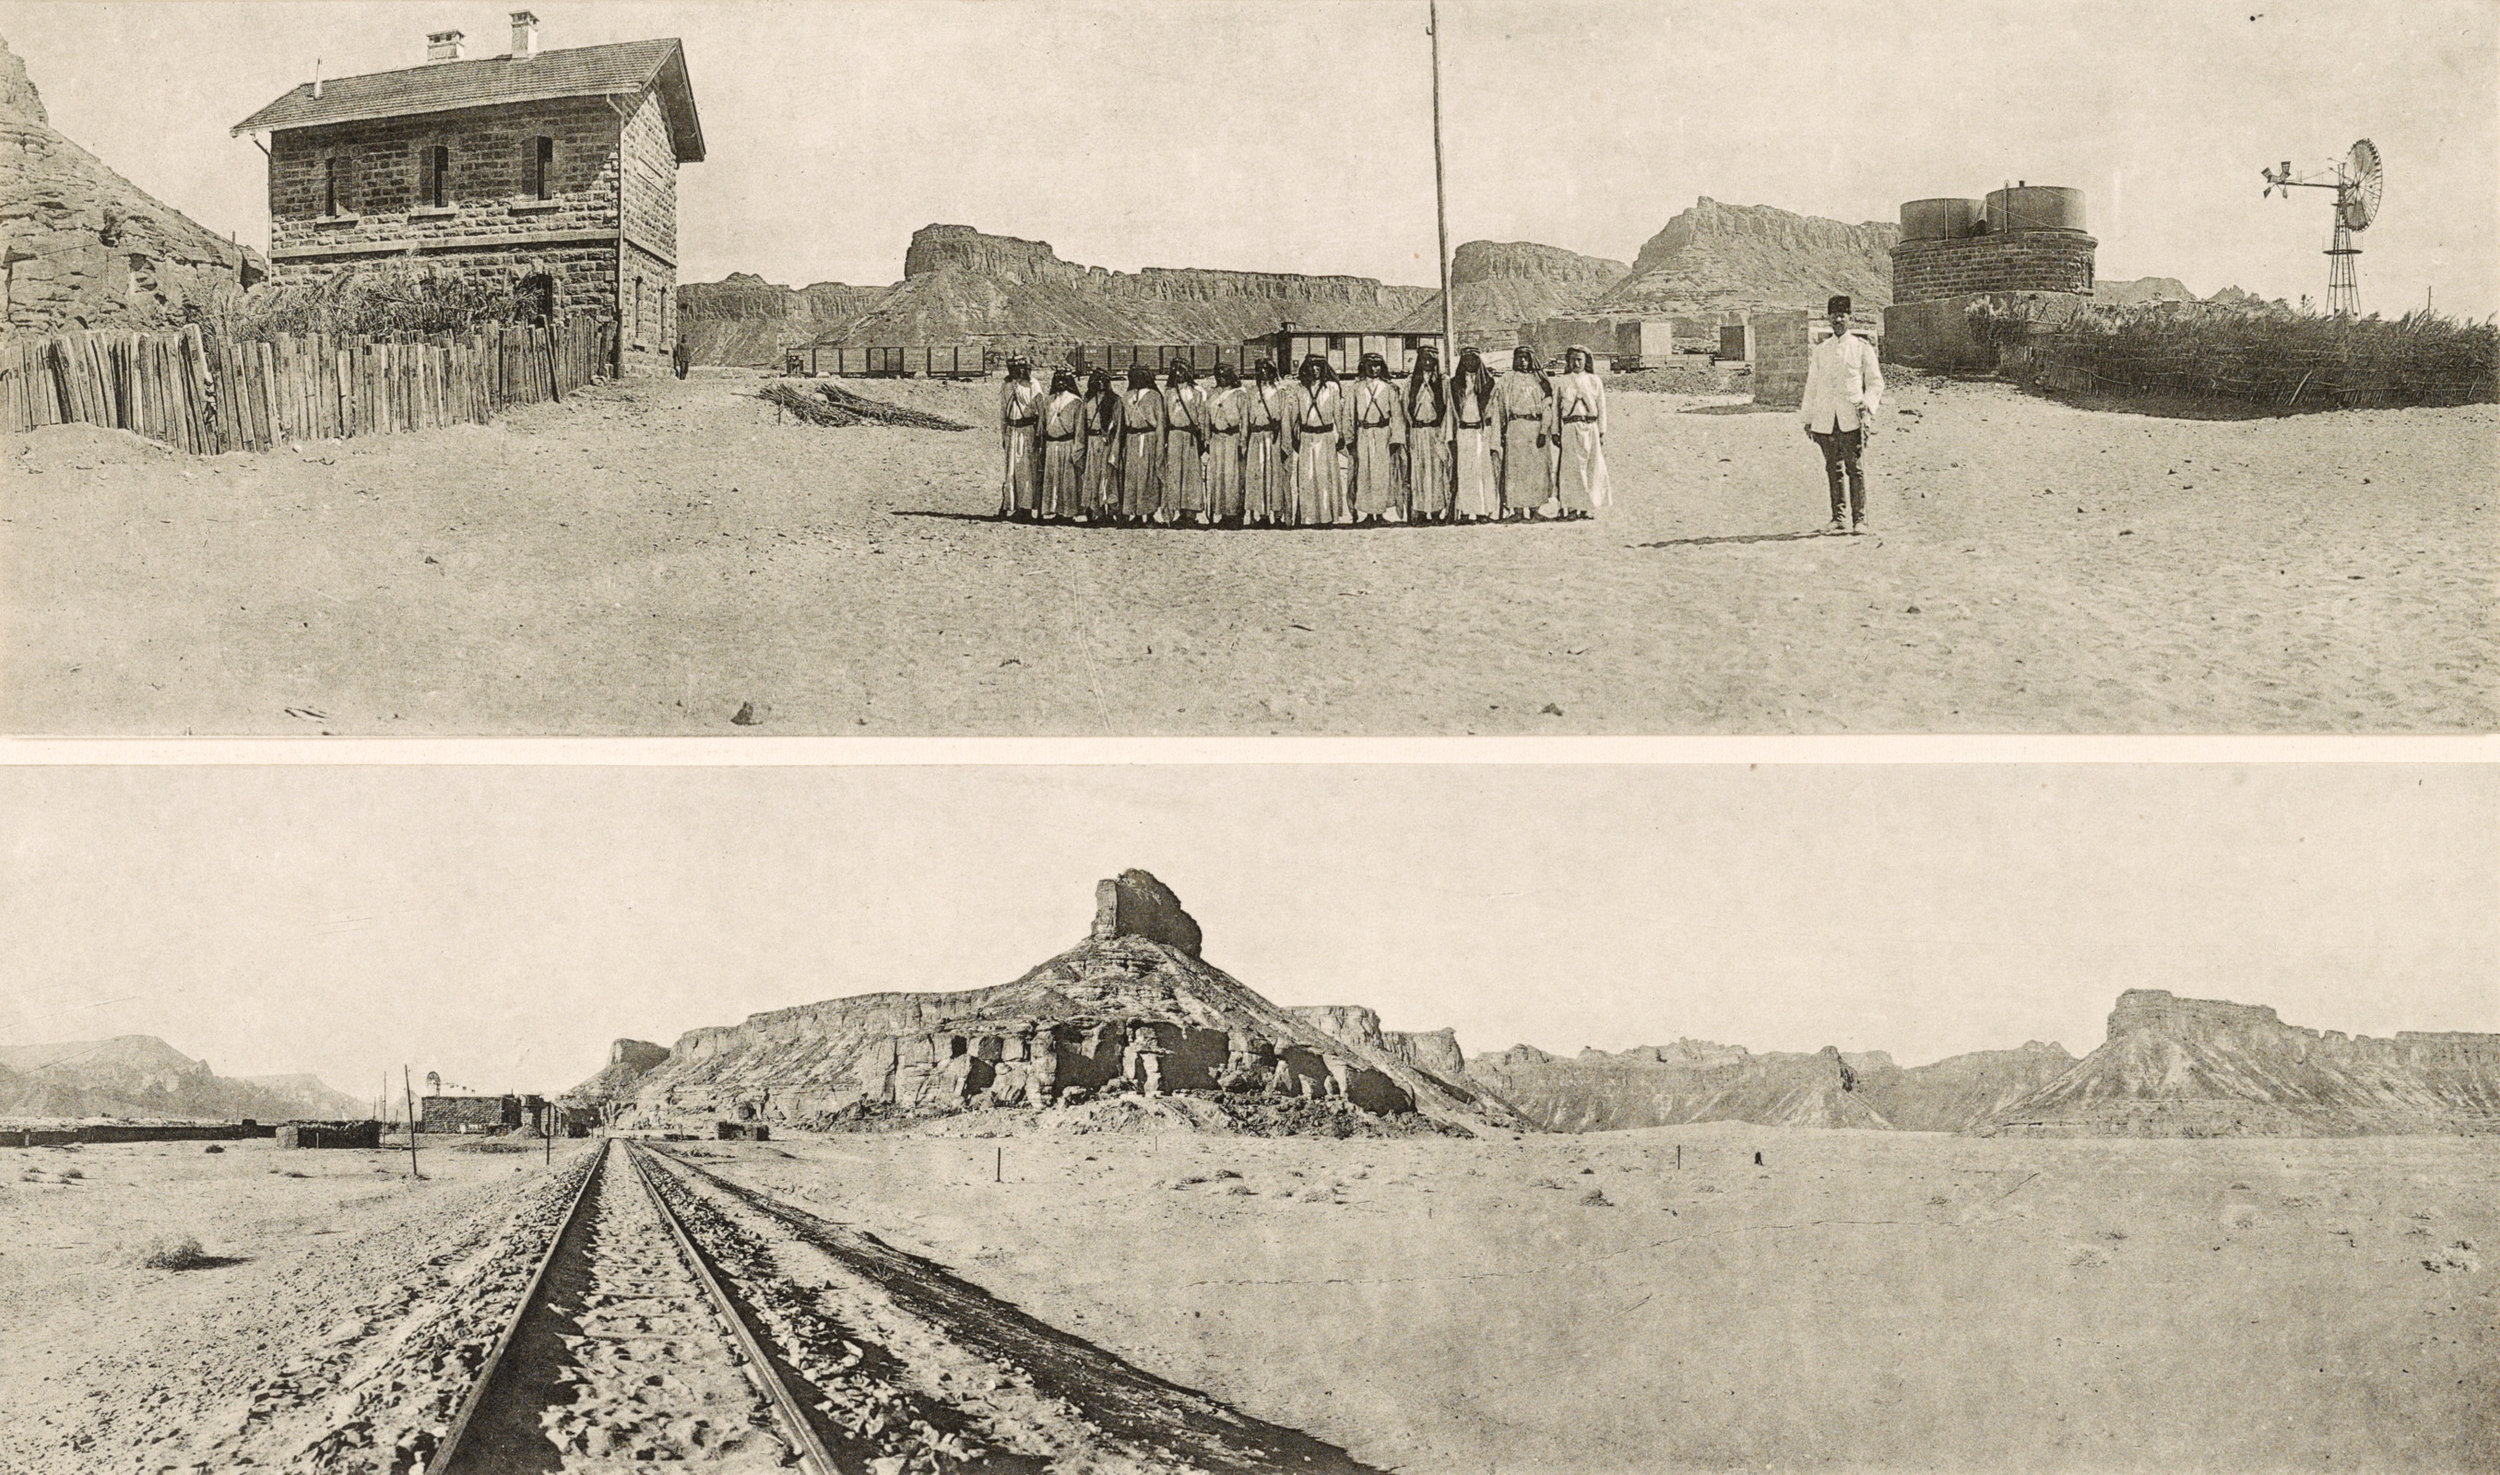 Togstasjonen Al-'Ula i 1915, då området var under Det osmanske riket. ( Library of Congress )